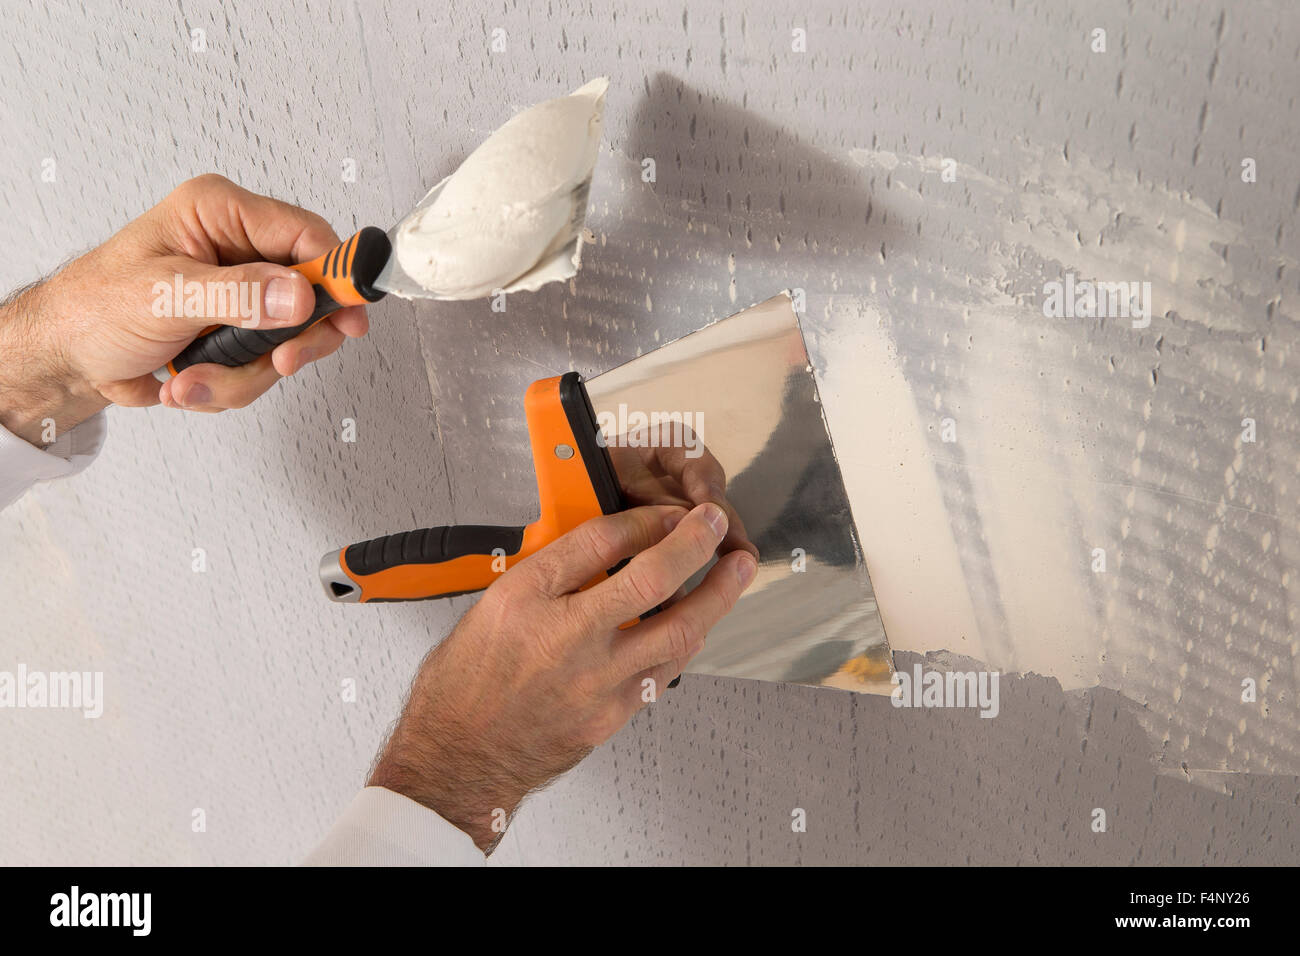 arbeiter mit wand verputzen werkzeuge innerhalb eines hauses